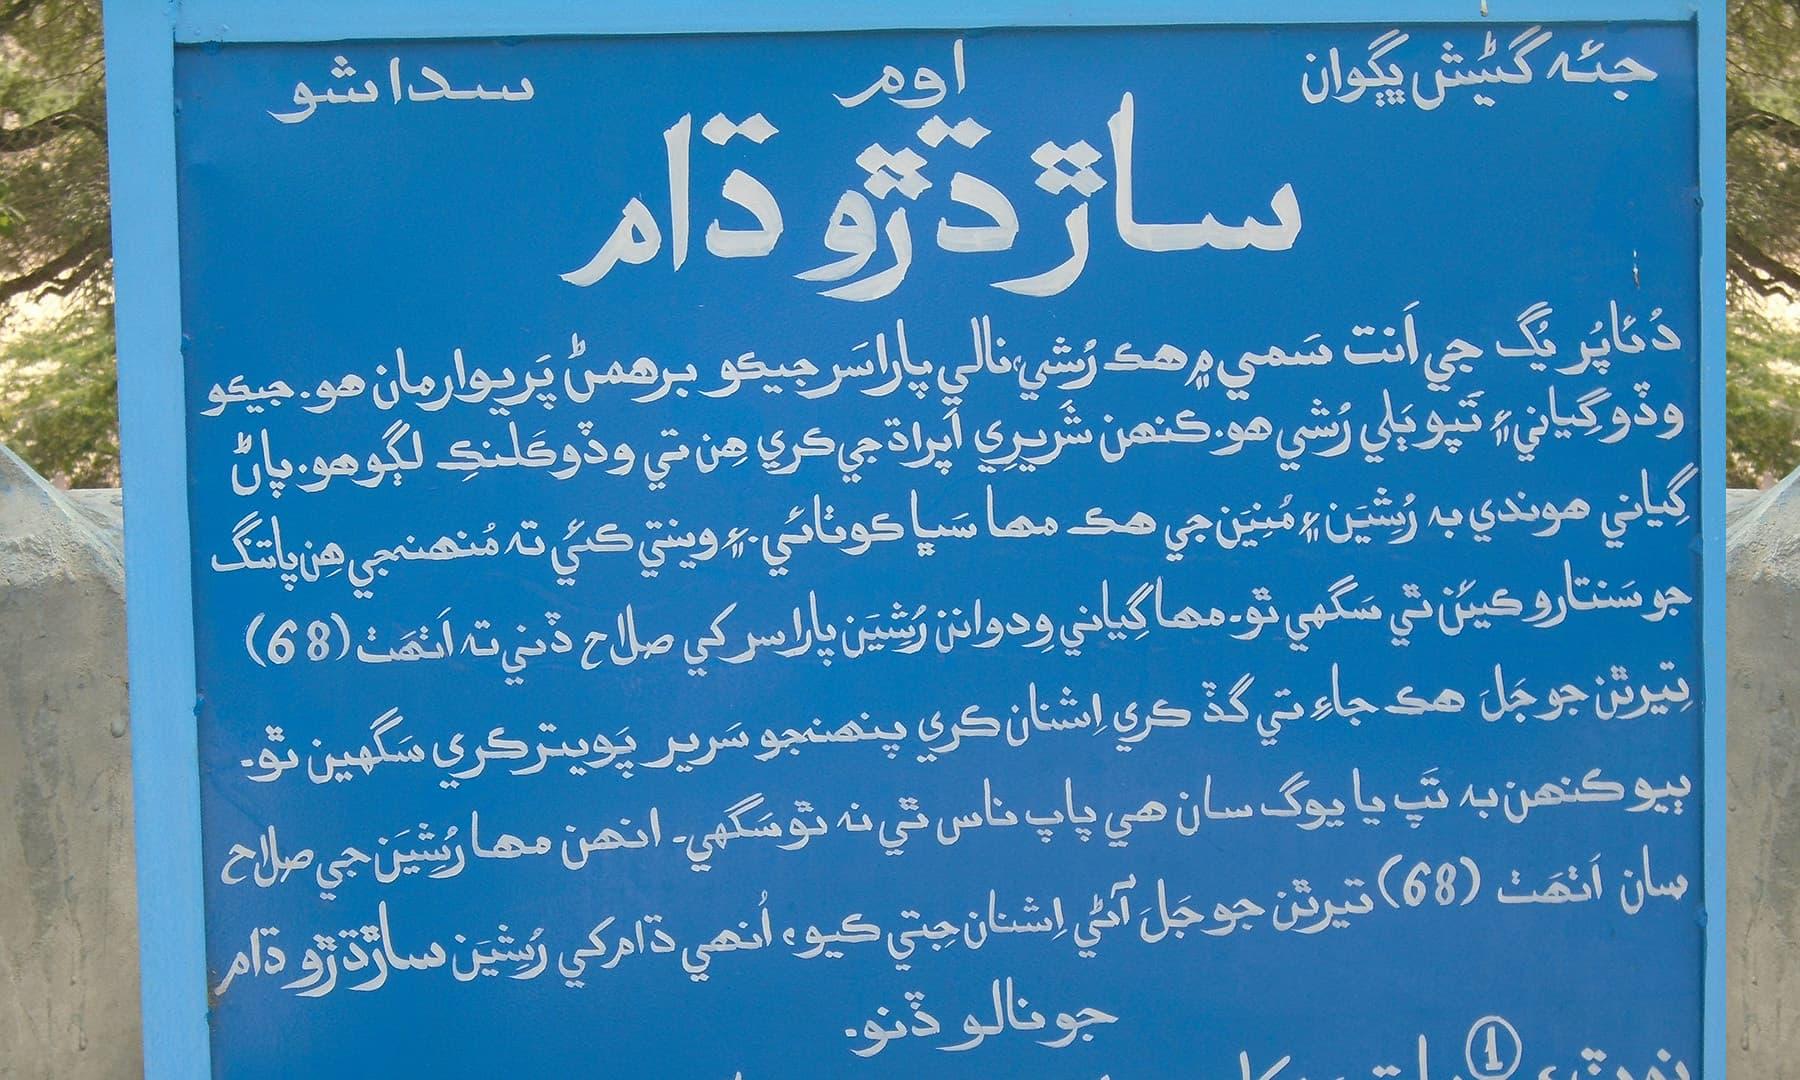 مندر کے باہر لگا ہوا بورڈ جس پر سندھی میں یہاں کی تاریخ بیان کی گئی ہے.